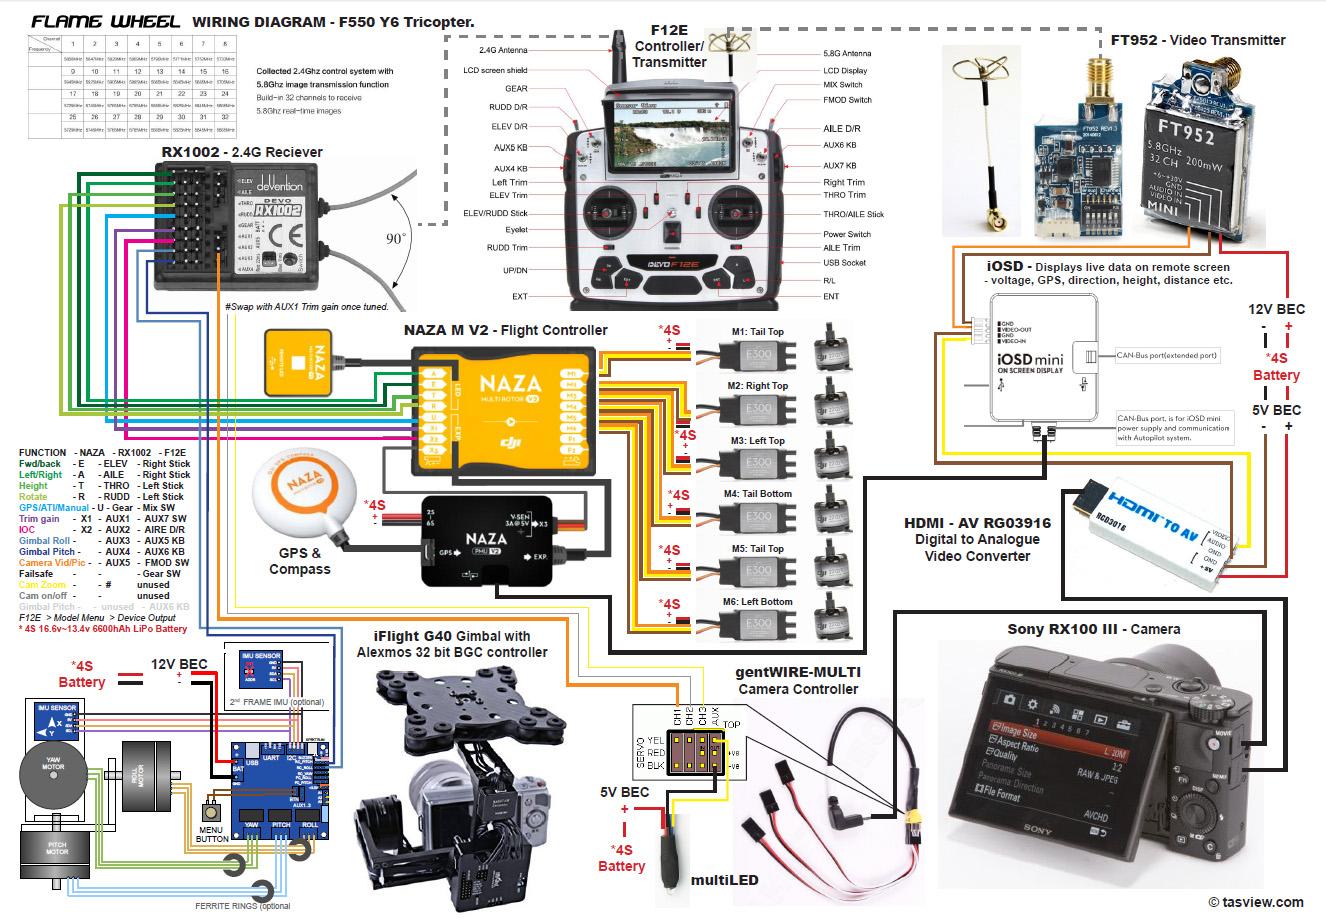 medium resolution of naza wiring diagram led wiring diagram detailed vespa wiring diagram naza wiring diagram led